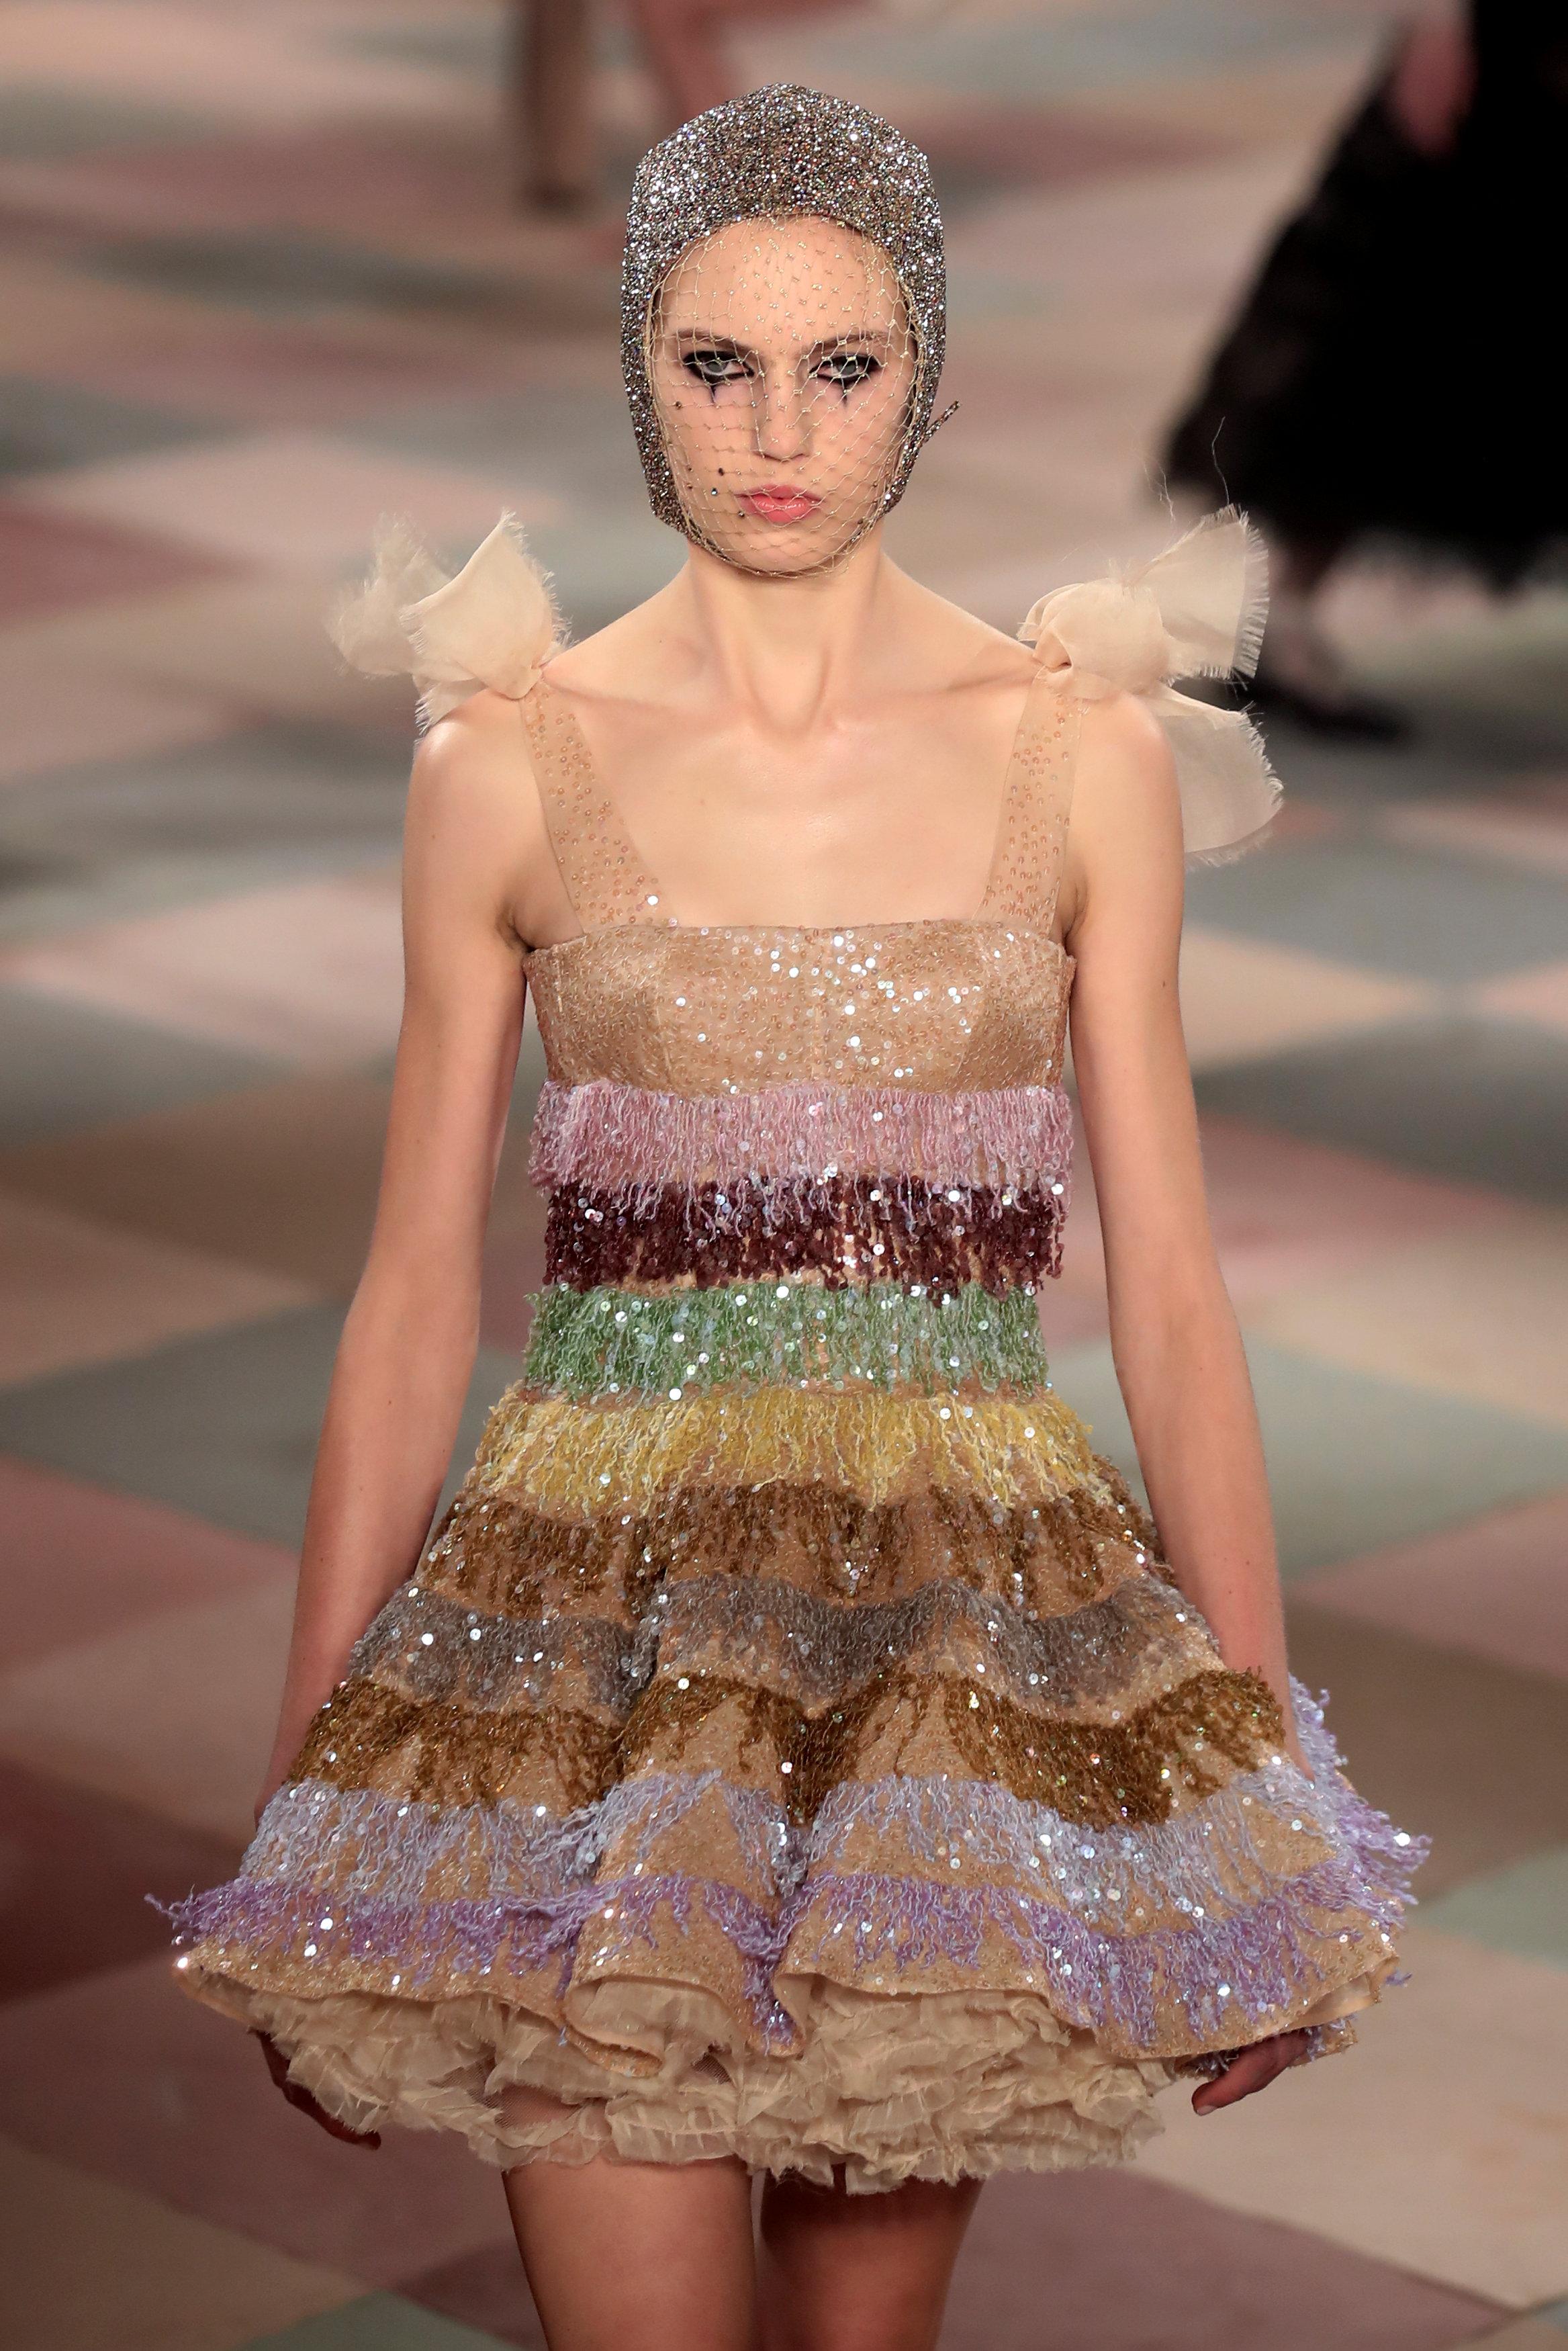 عرض أزياء ماكسيم سيمنز خلال أسبوع الموضة بباريس (4)